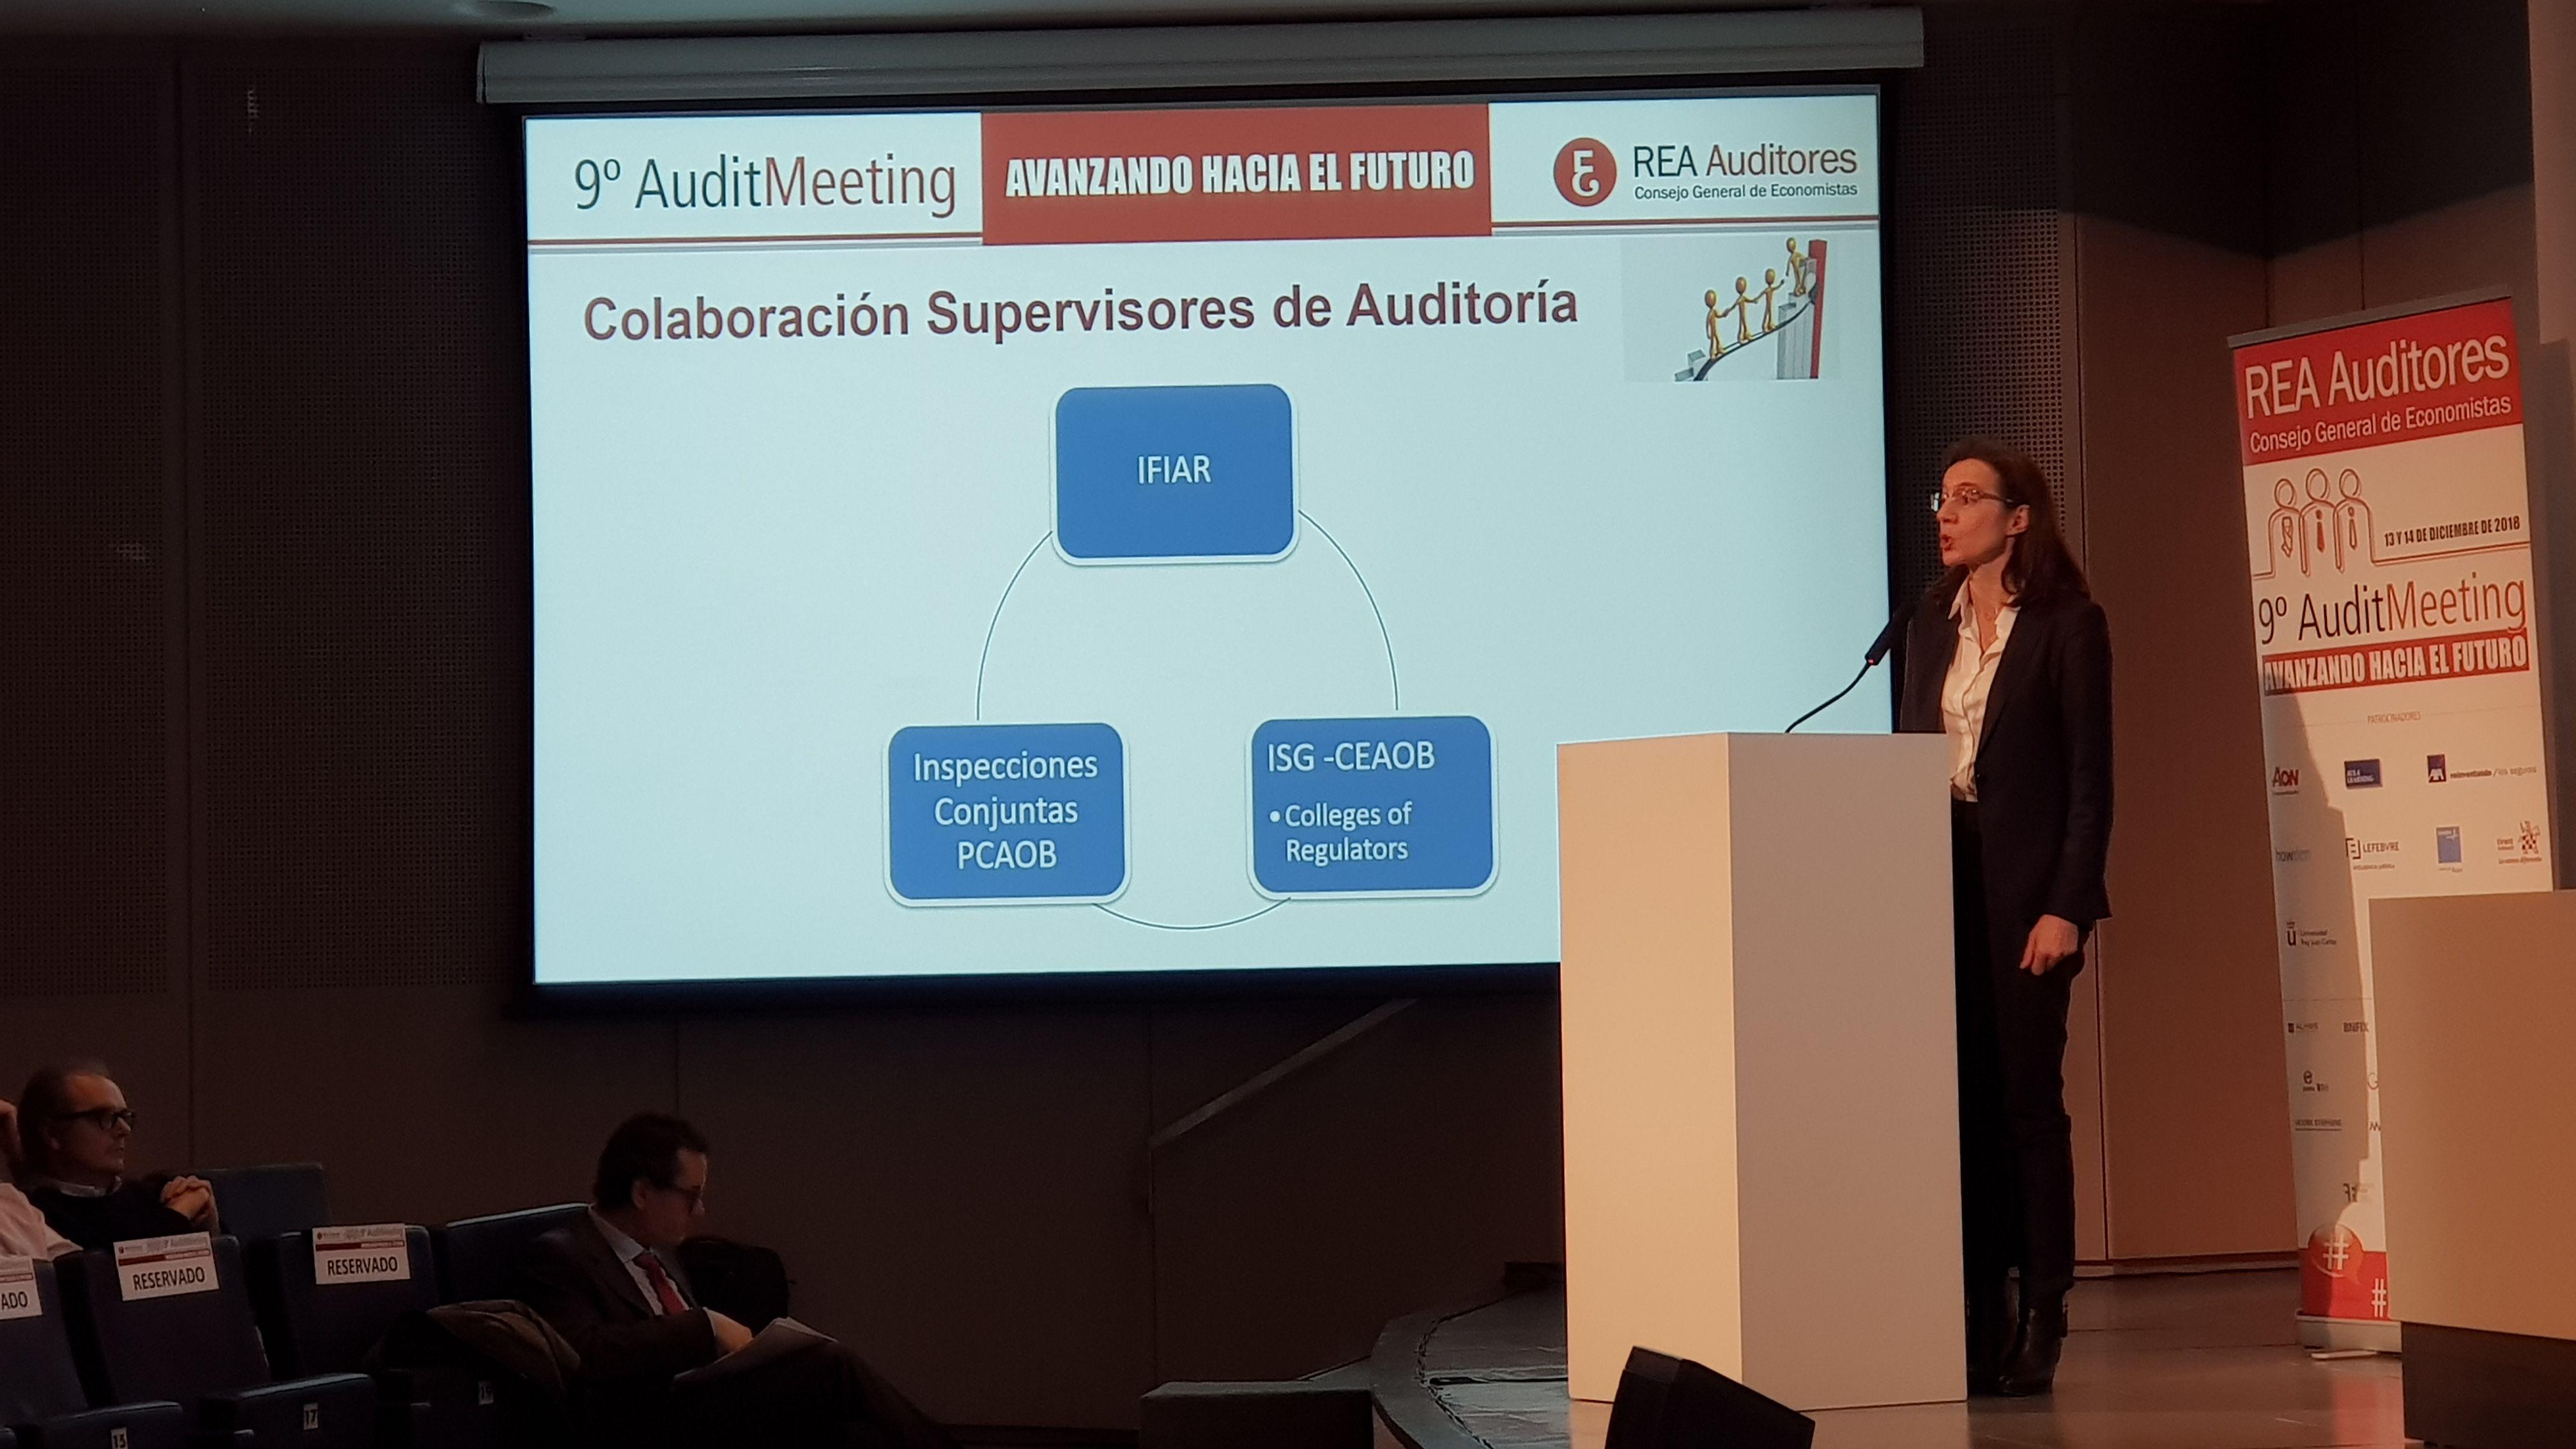 Auditmeeting Sesión General 7 Aspectos Deducidos De Las Inspecciones Realizadas En 2017 A Cargo De Eva Castellan Formación Continua En Castellano Consejos